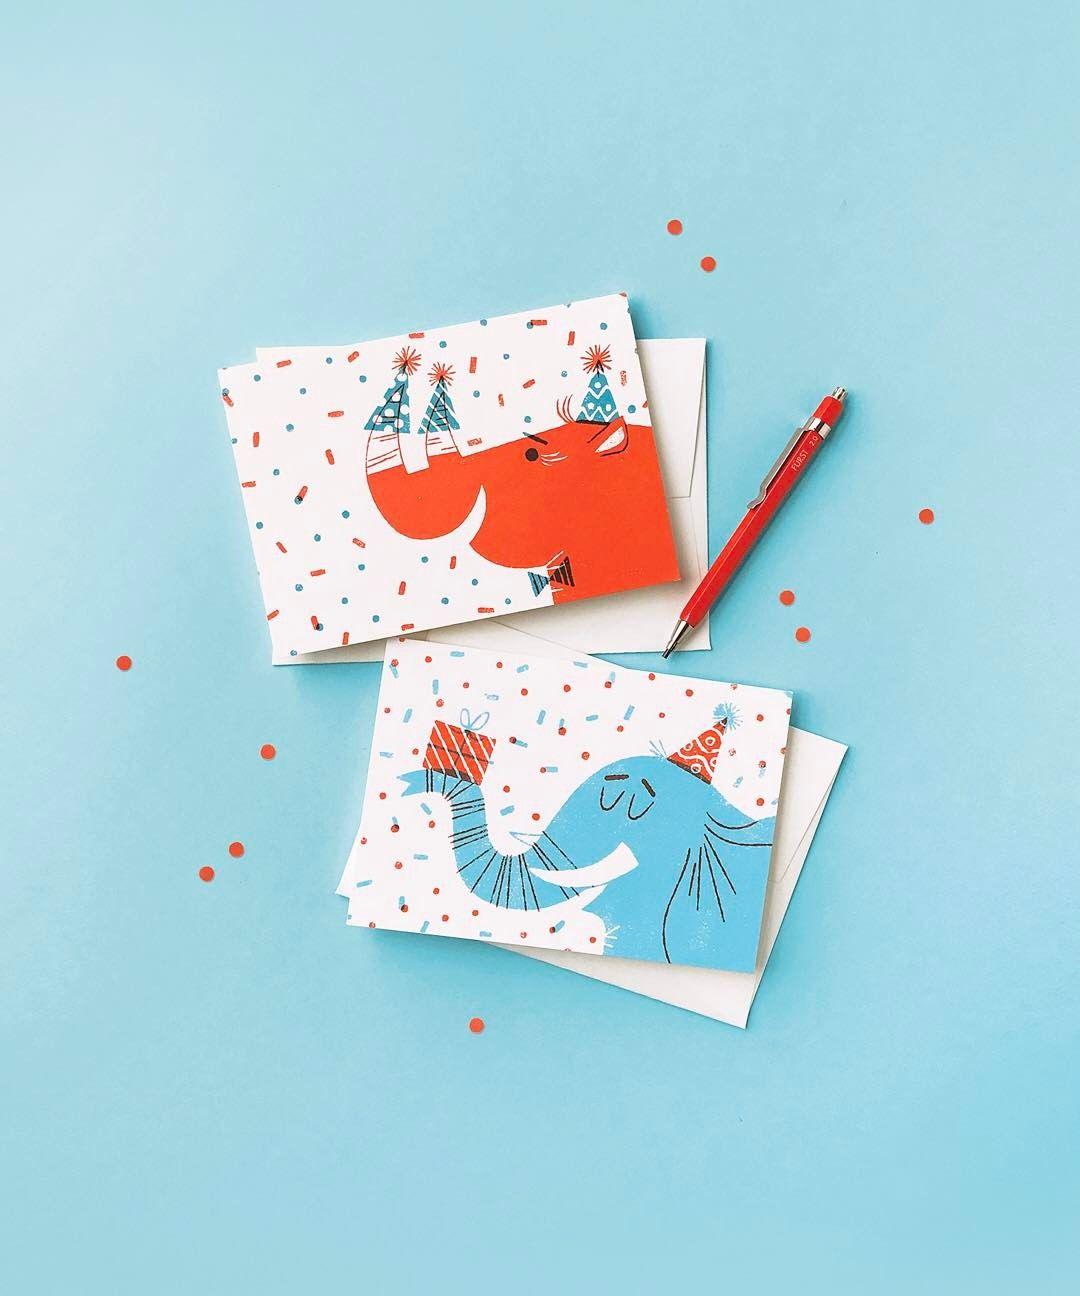 поздравительные открытки дизайнерские дизайн линий